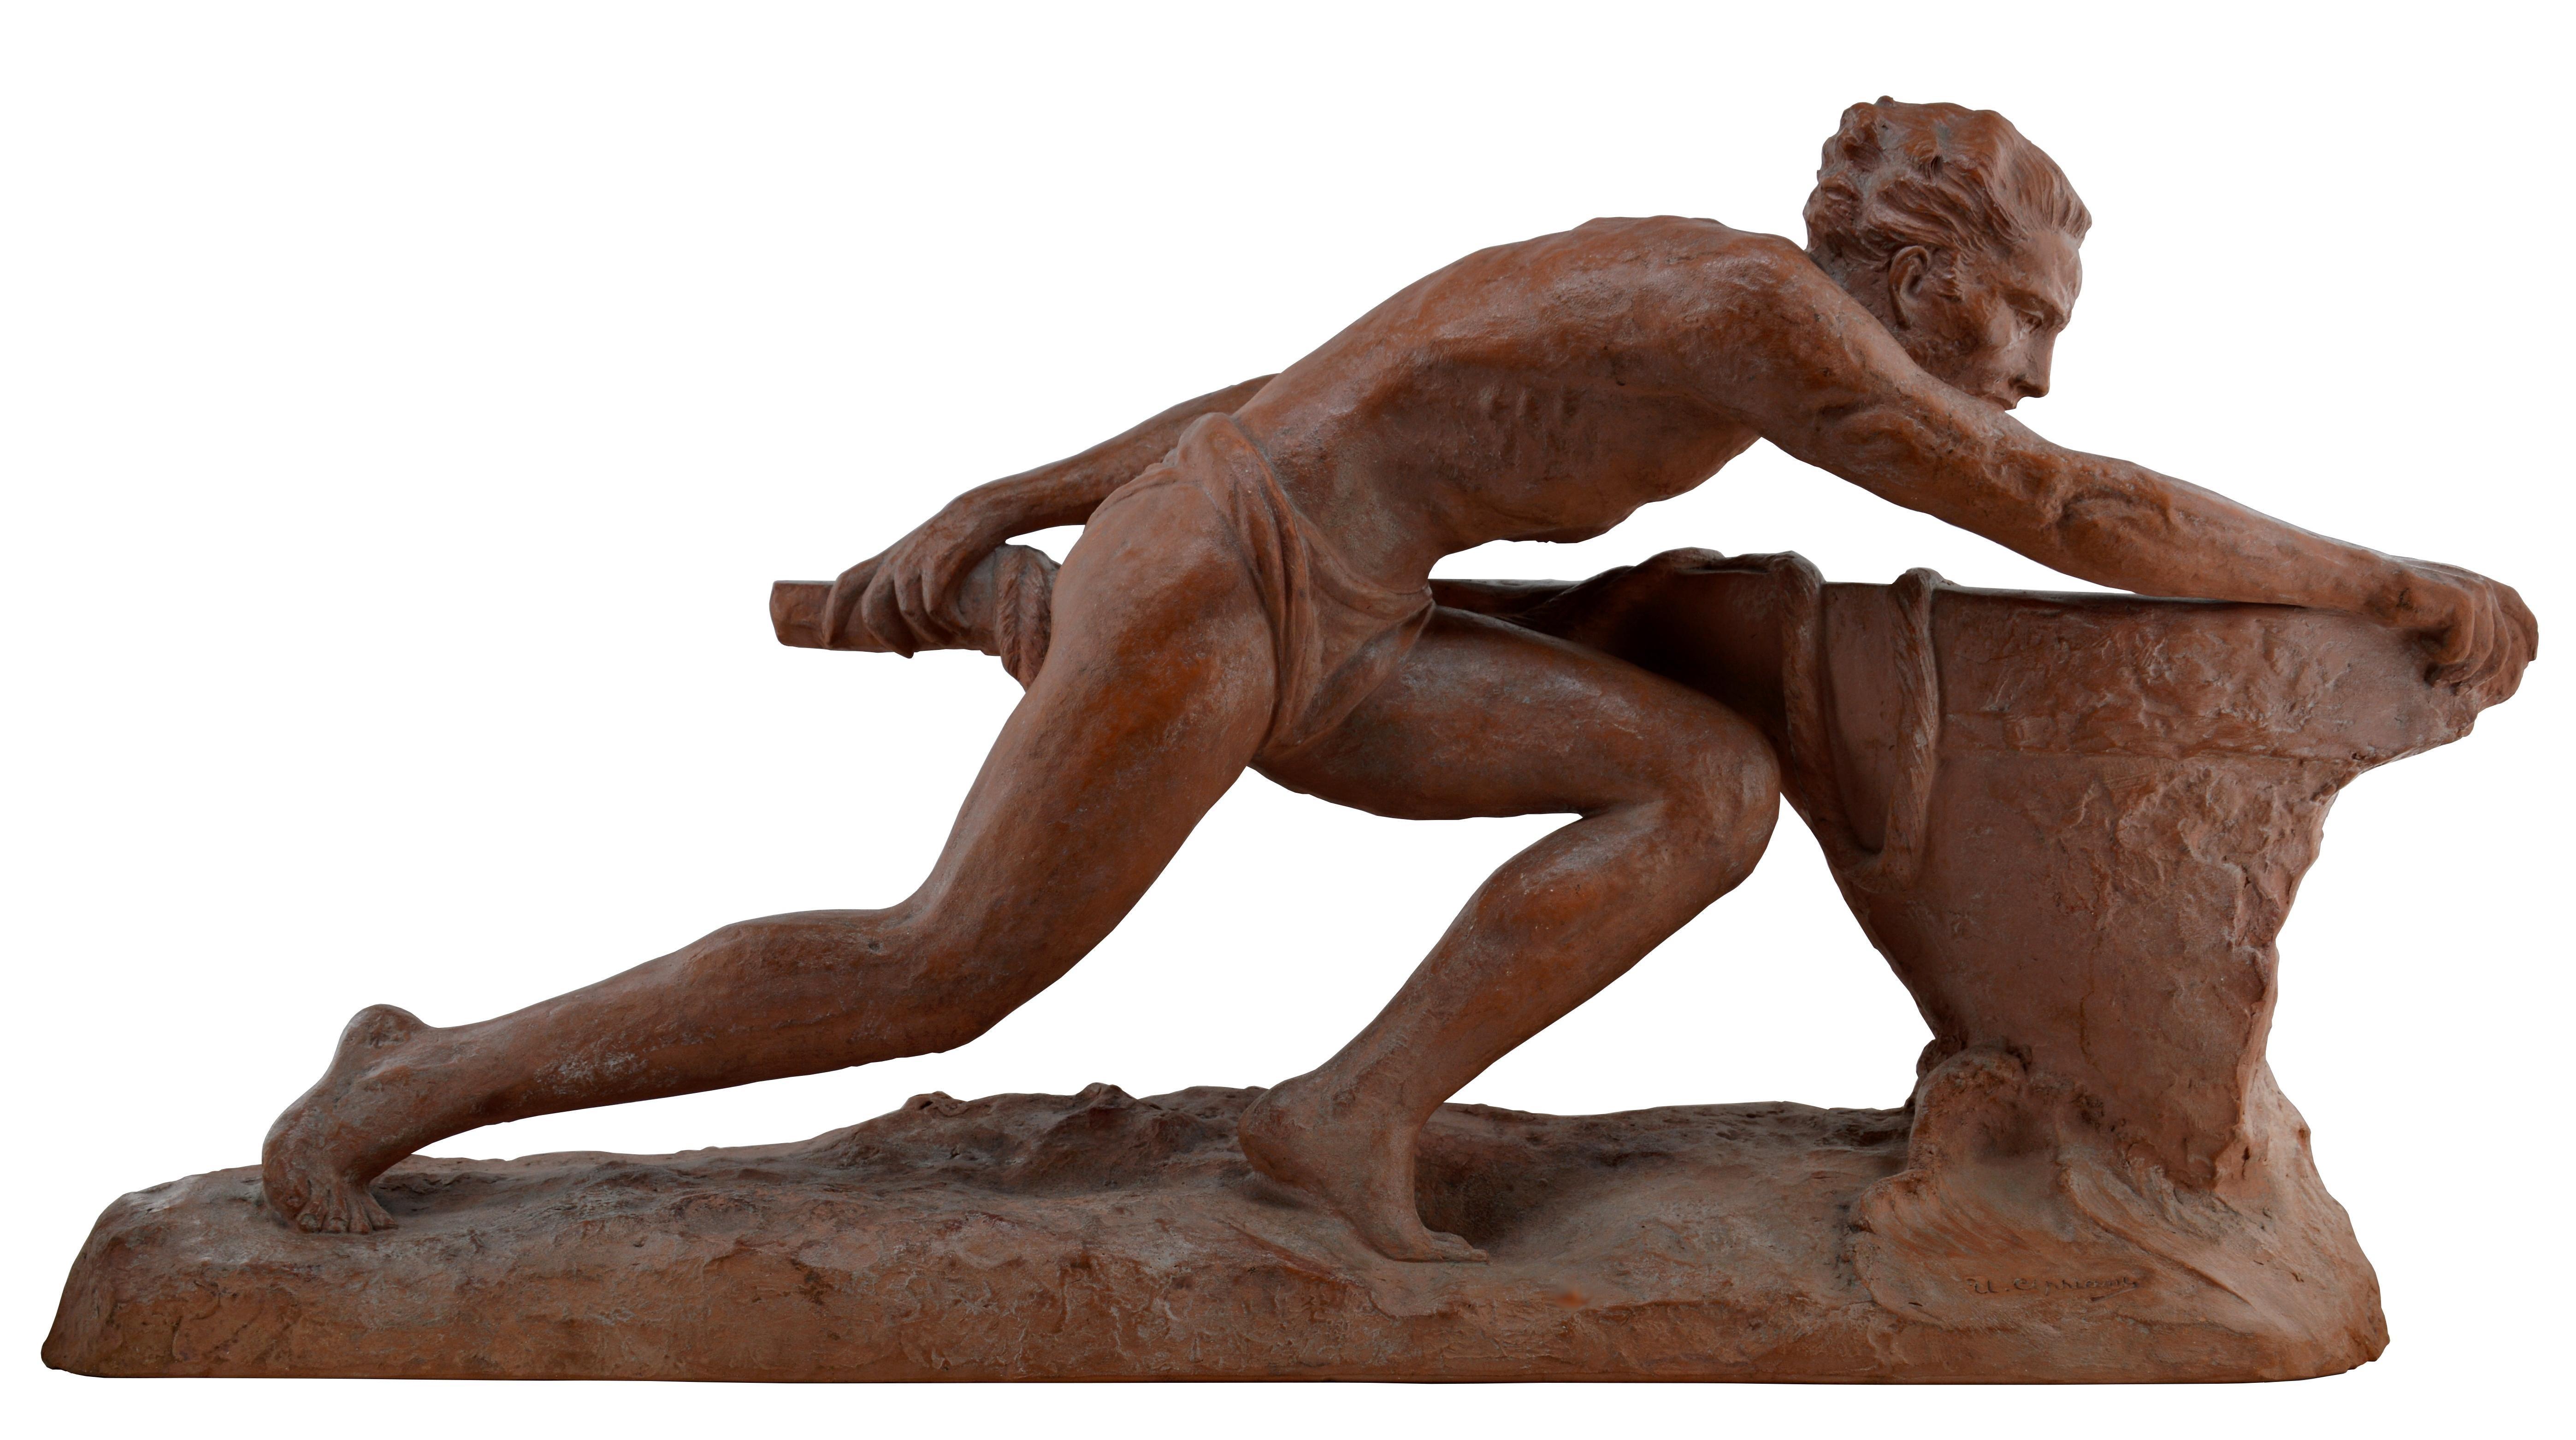 The Rudder, Terracotta, 1930s